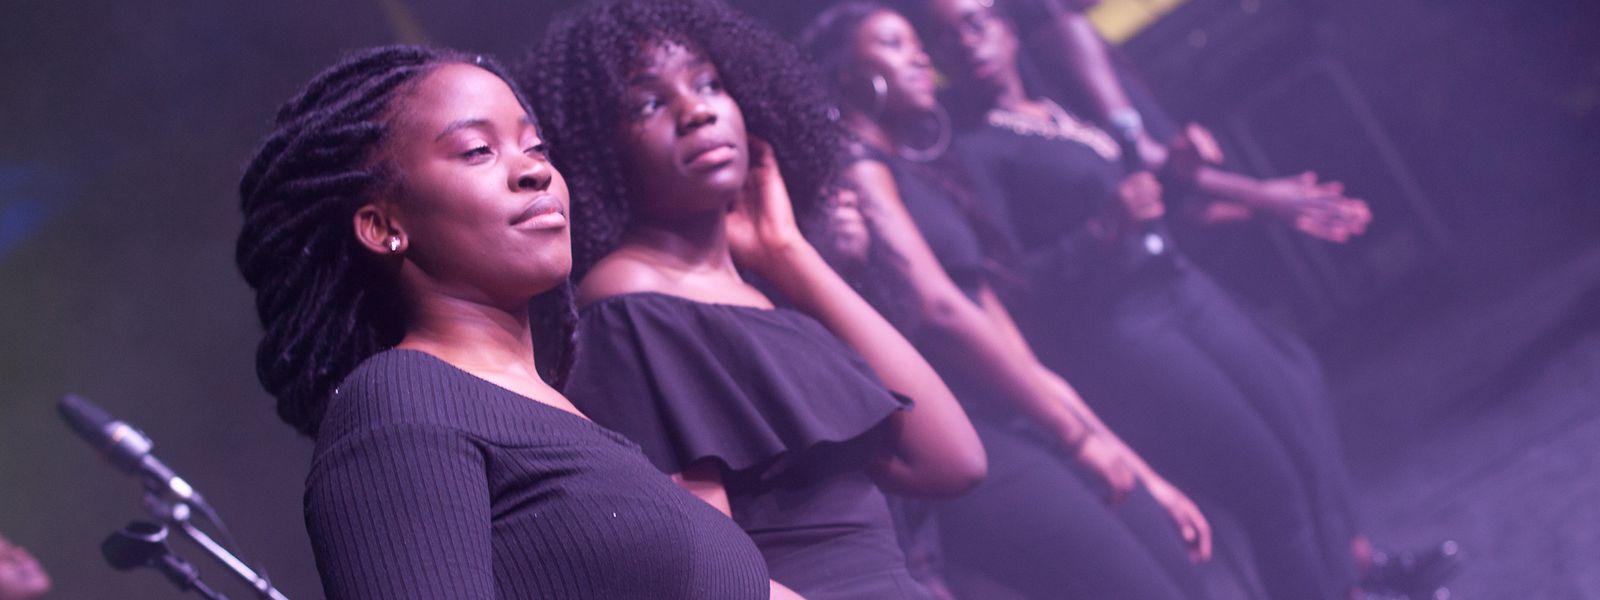 Le groupe Génération Gospel mêle blues et soul.